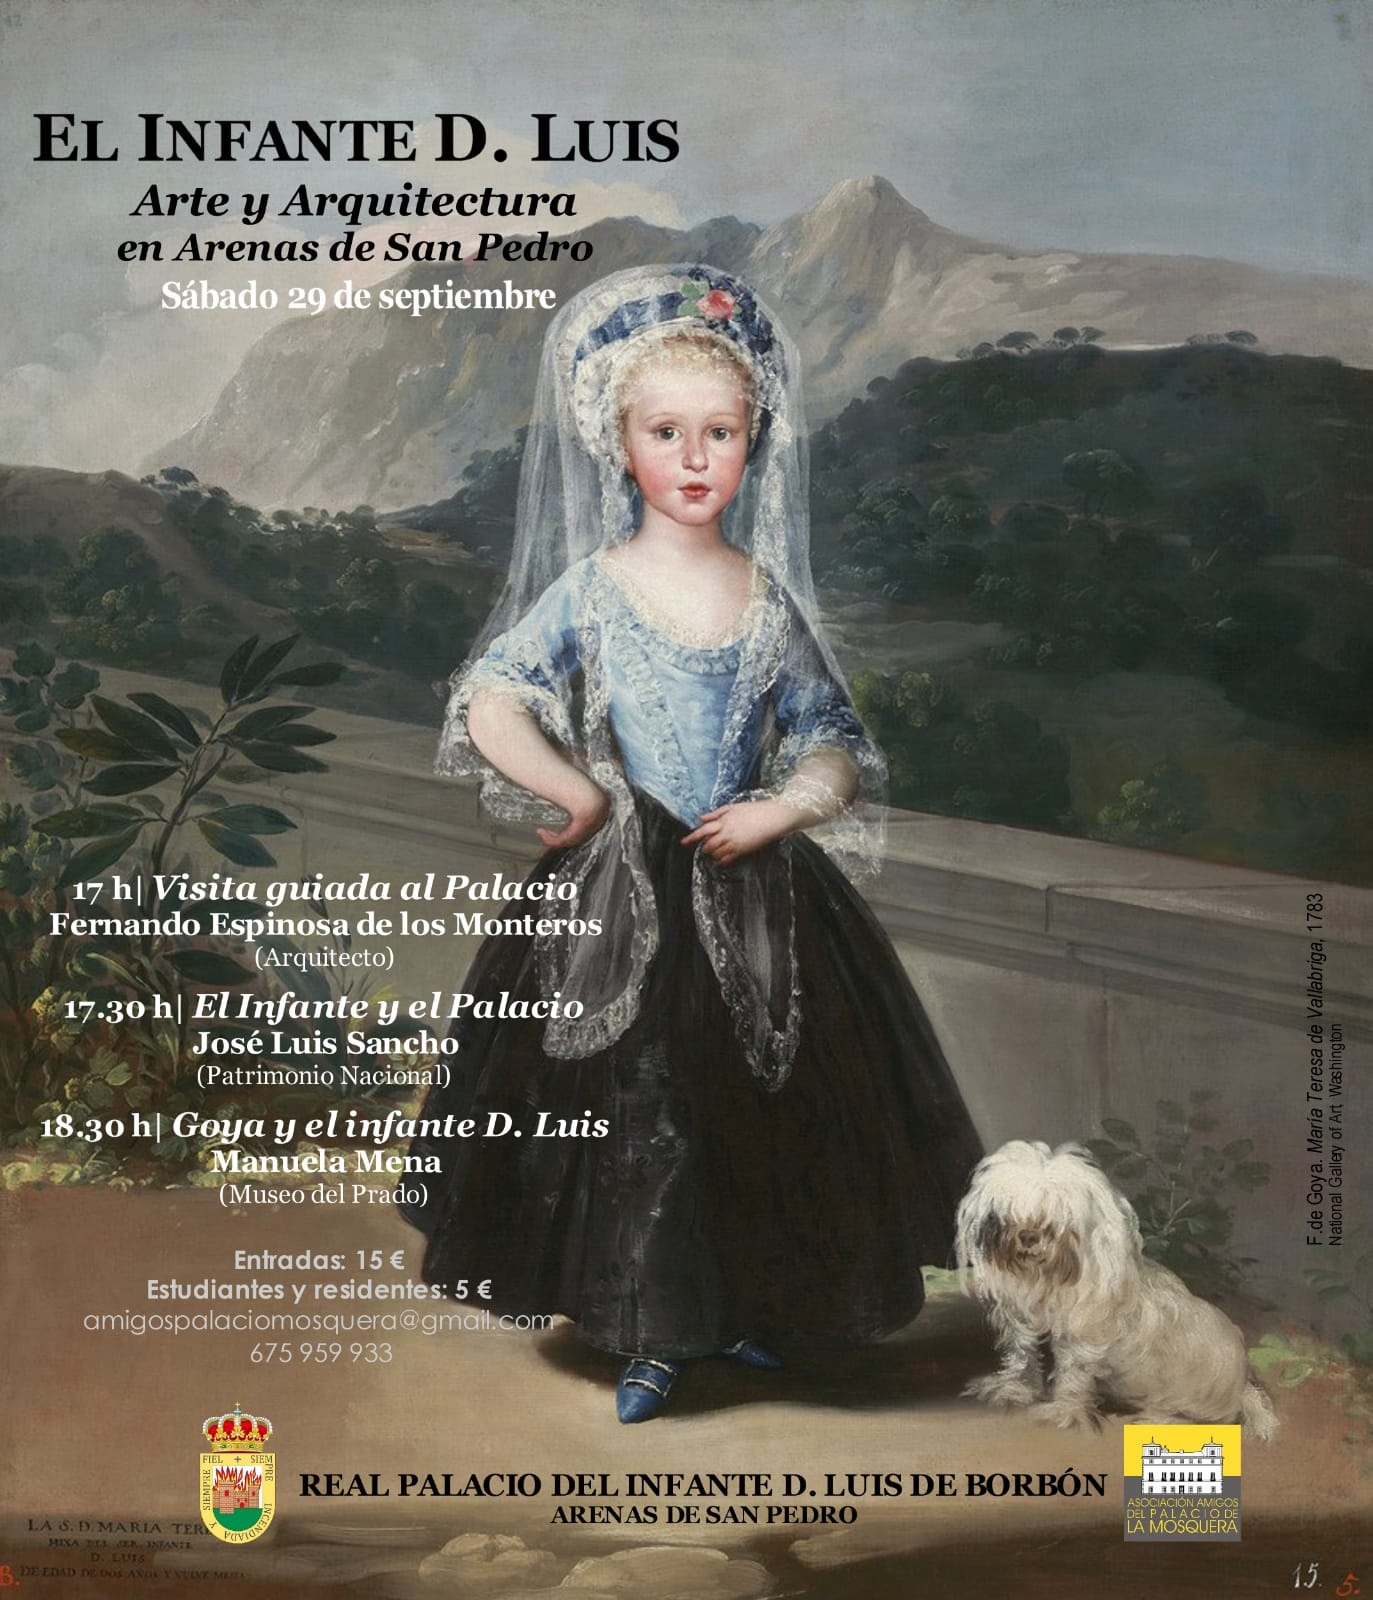 Jornadas de Arte y Arquitectura en Palacio - Palacio de La Mosquera - Arenas de San Pedro - TiétarTeVe